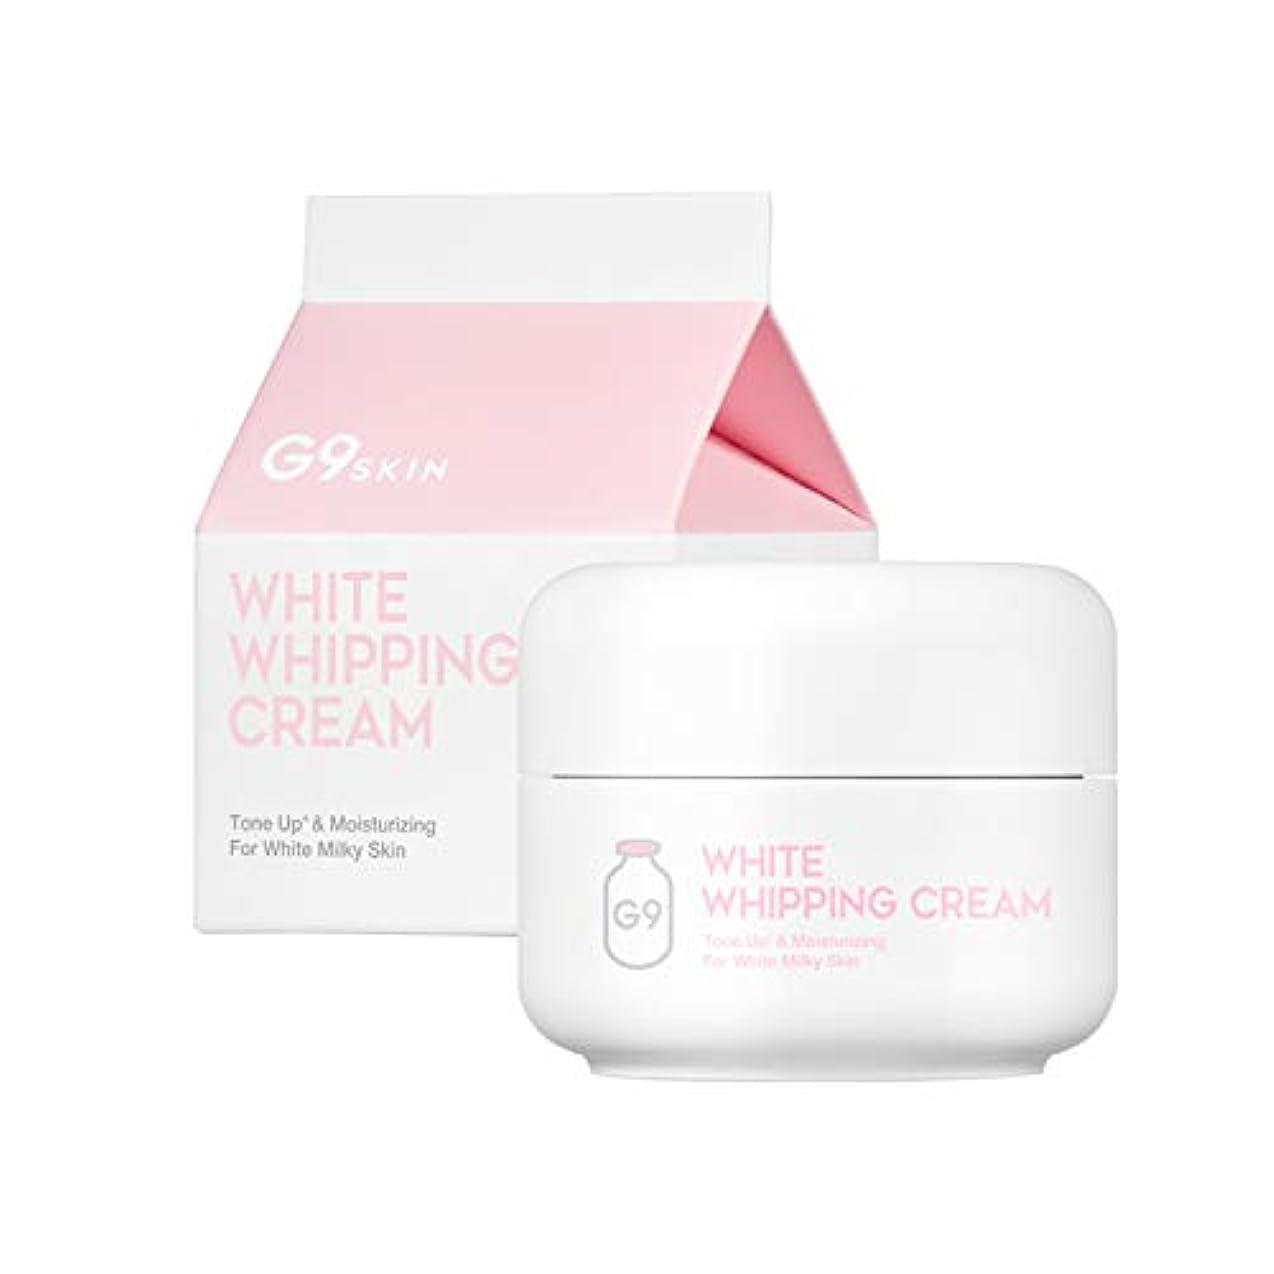 スケッチカエル愛情G9SKIN(ベリサム) ホワイト イン 生クリーム WHITE IN WHIPPING CREAM 50g